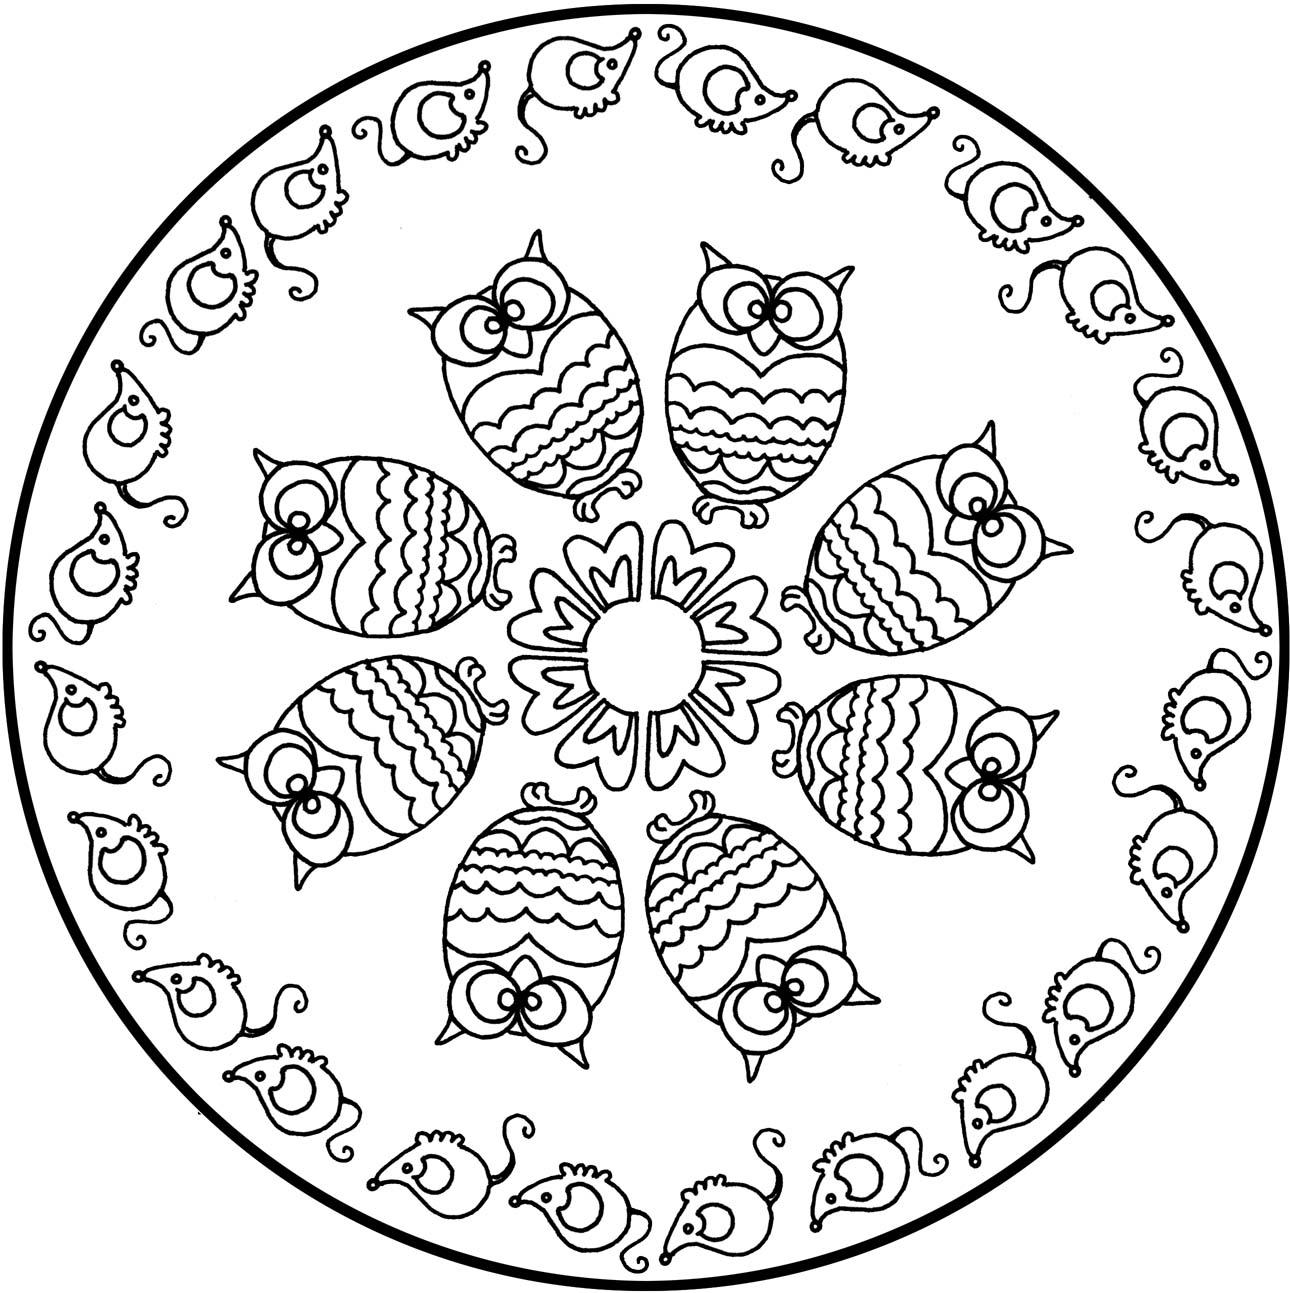 Tr¨s beau mandala ambiance animali¨re avec plusieurs hiboux et des souris tout autour de